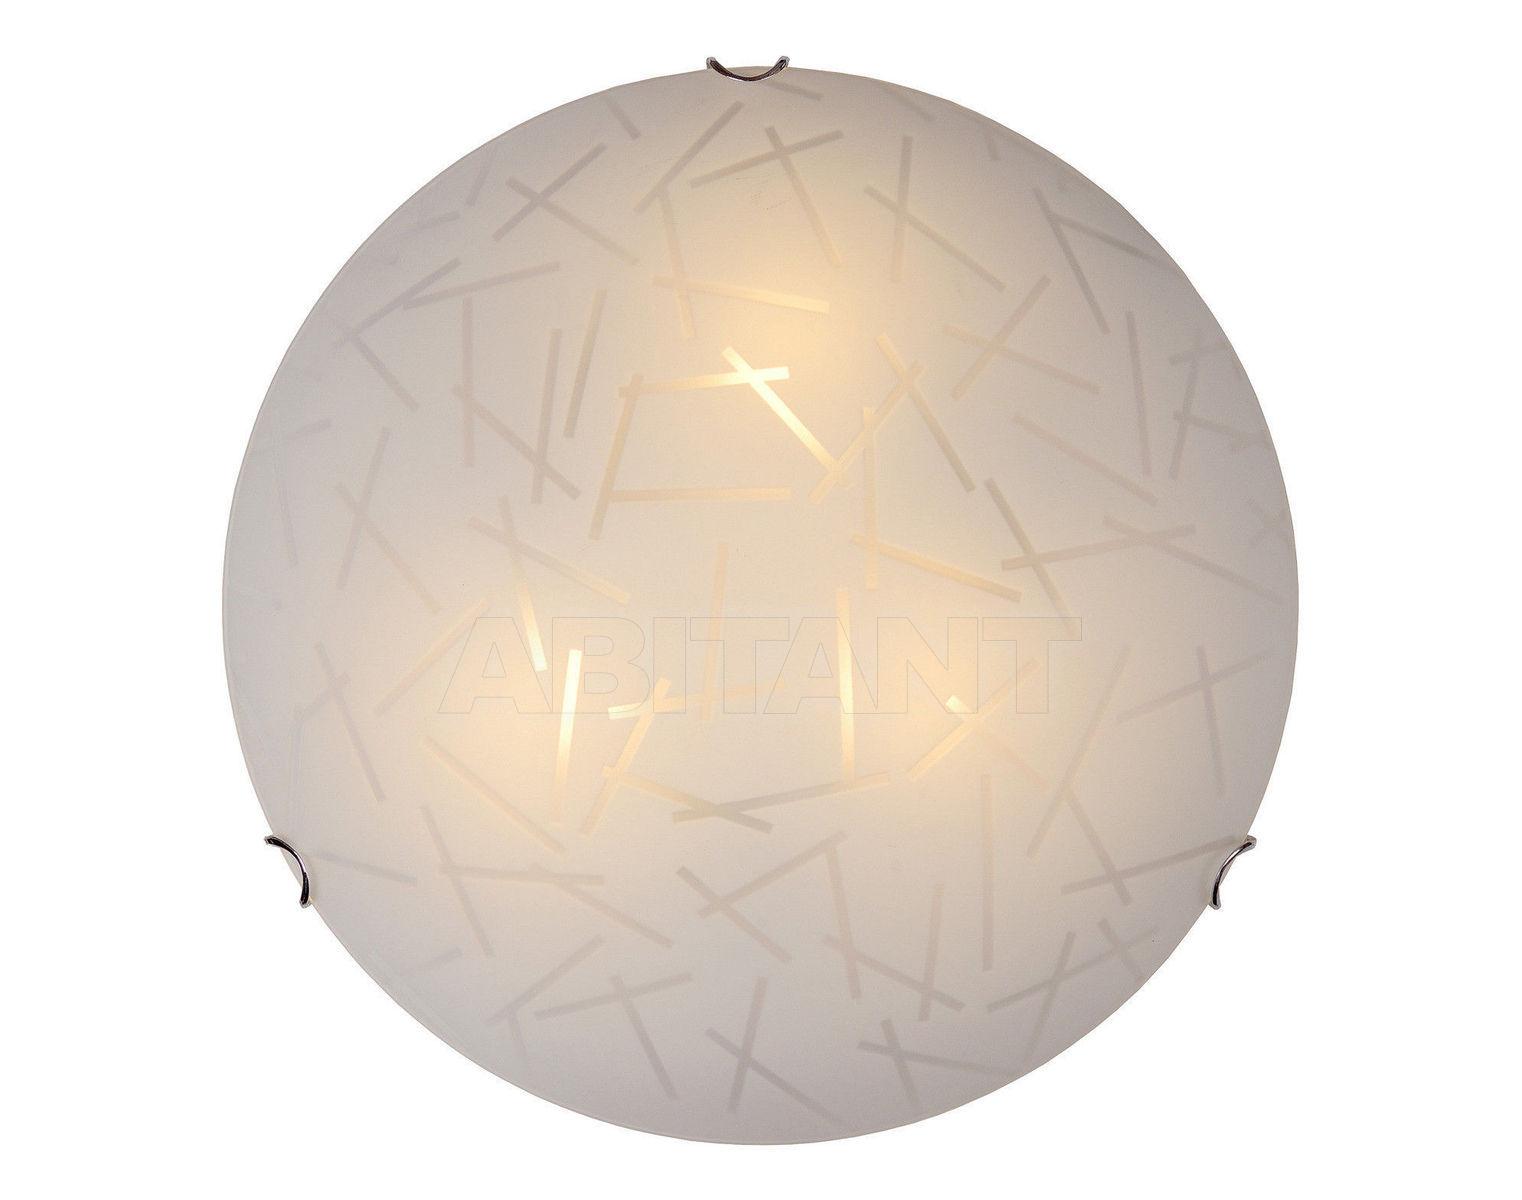 Купить Светильник VERSA Lucide  Ceiling & Wall Lights 79103/73/67